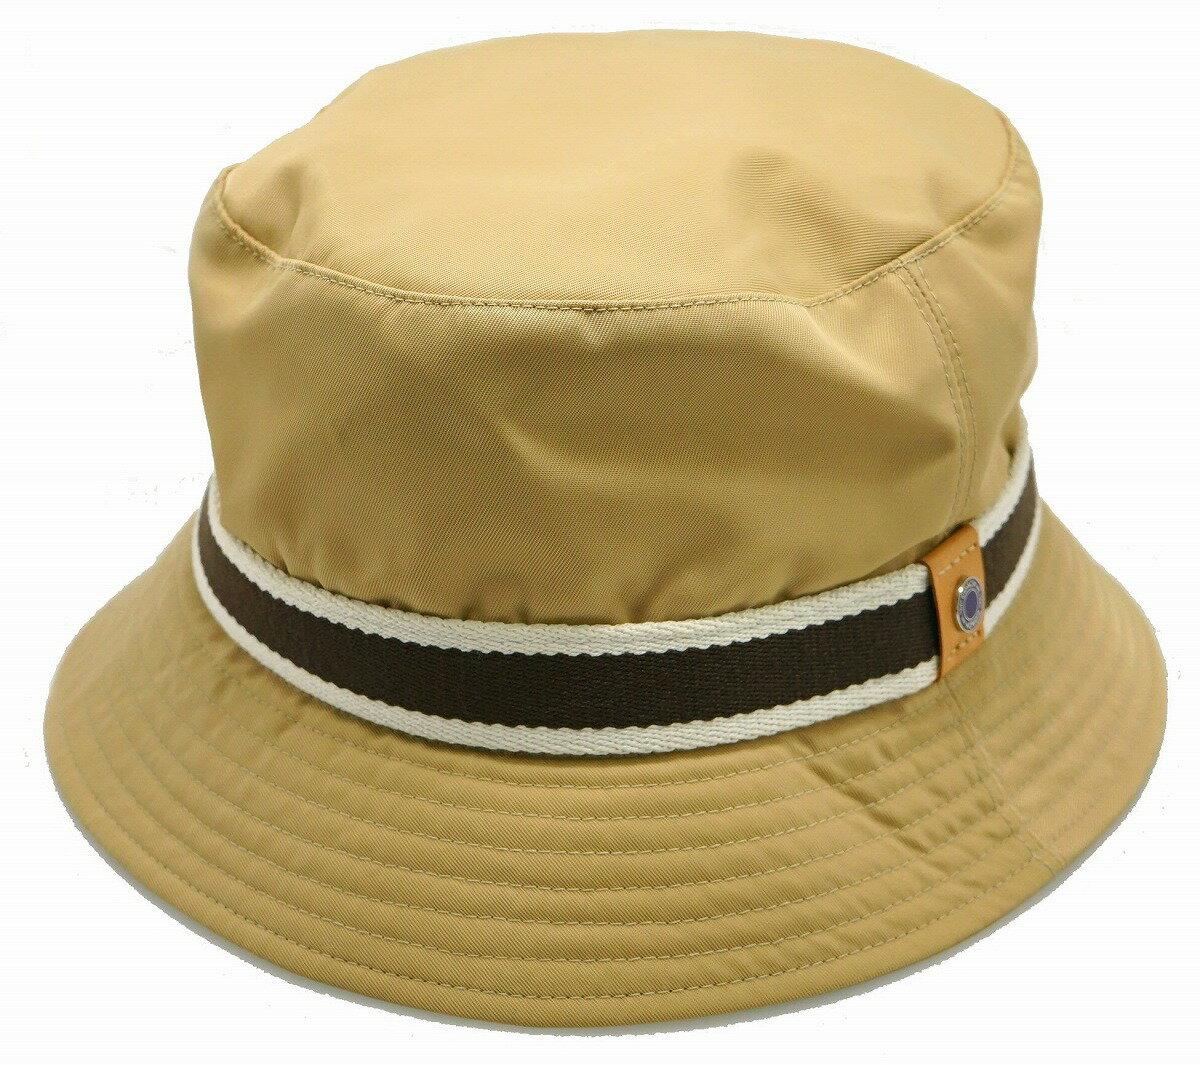 【アパレル】COACH コーチ シグネチャー バケットハット 帽子 ハット ポリエステル ナイロン キャンバス ベージュ ブラウン ホワイト 【中古】【k】【Blumin/森田質店】【質屋出店】